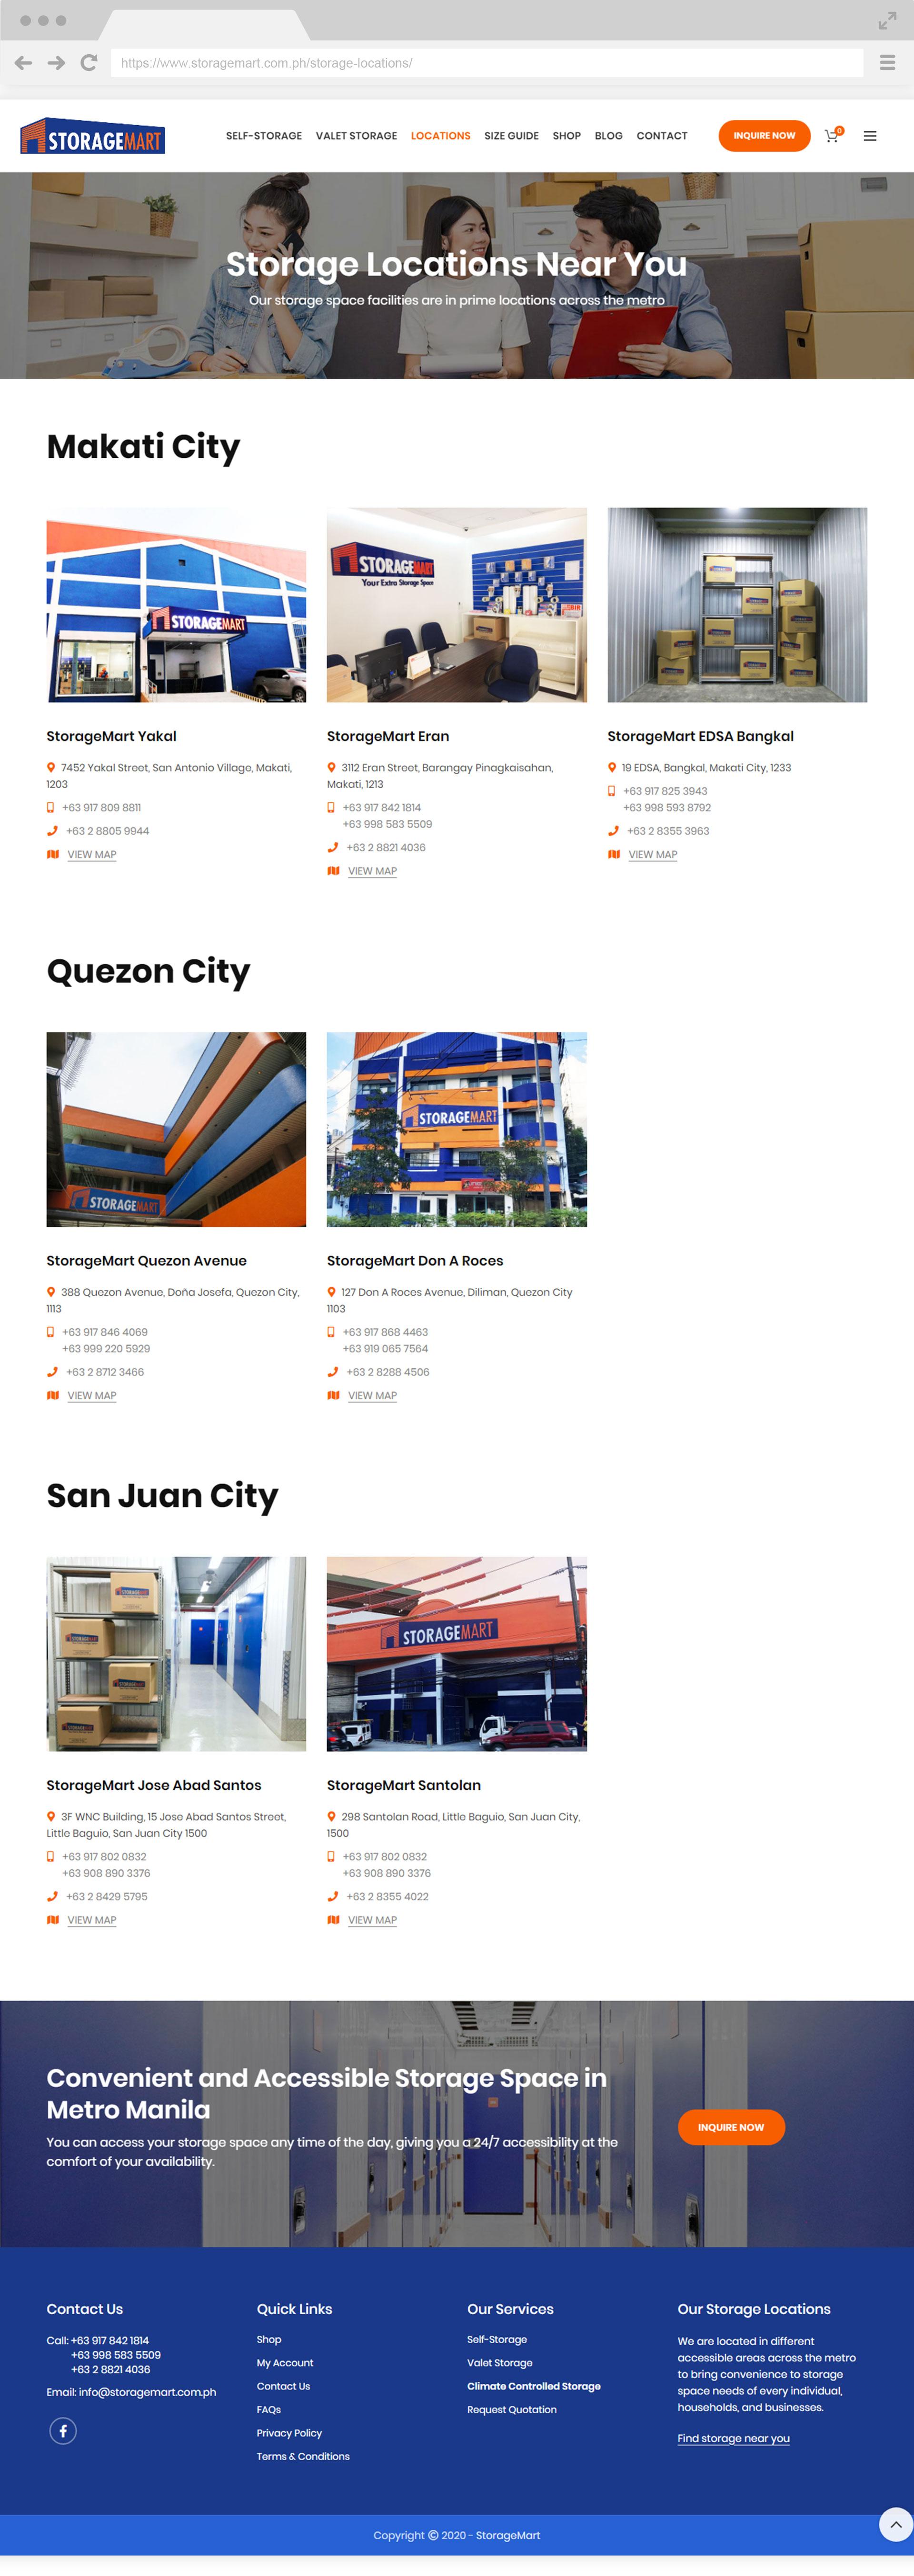 StorageMart Locations